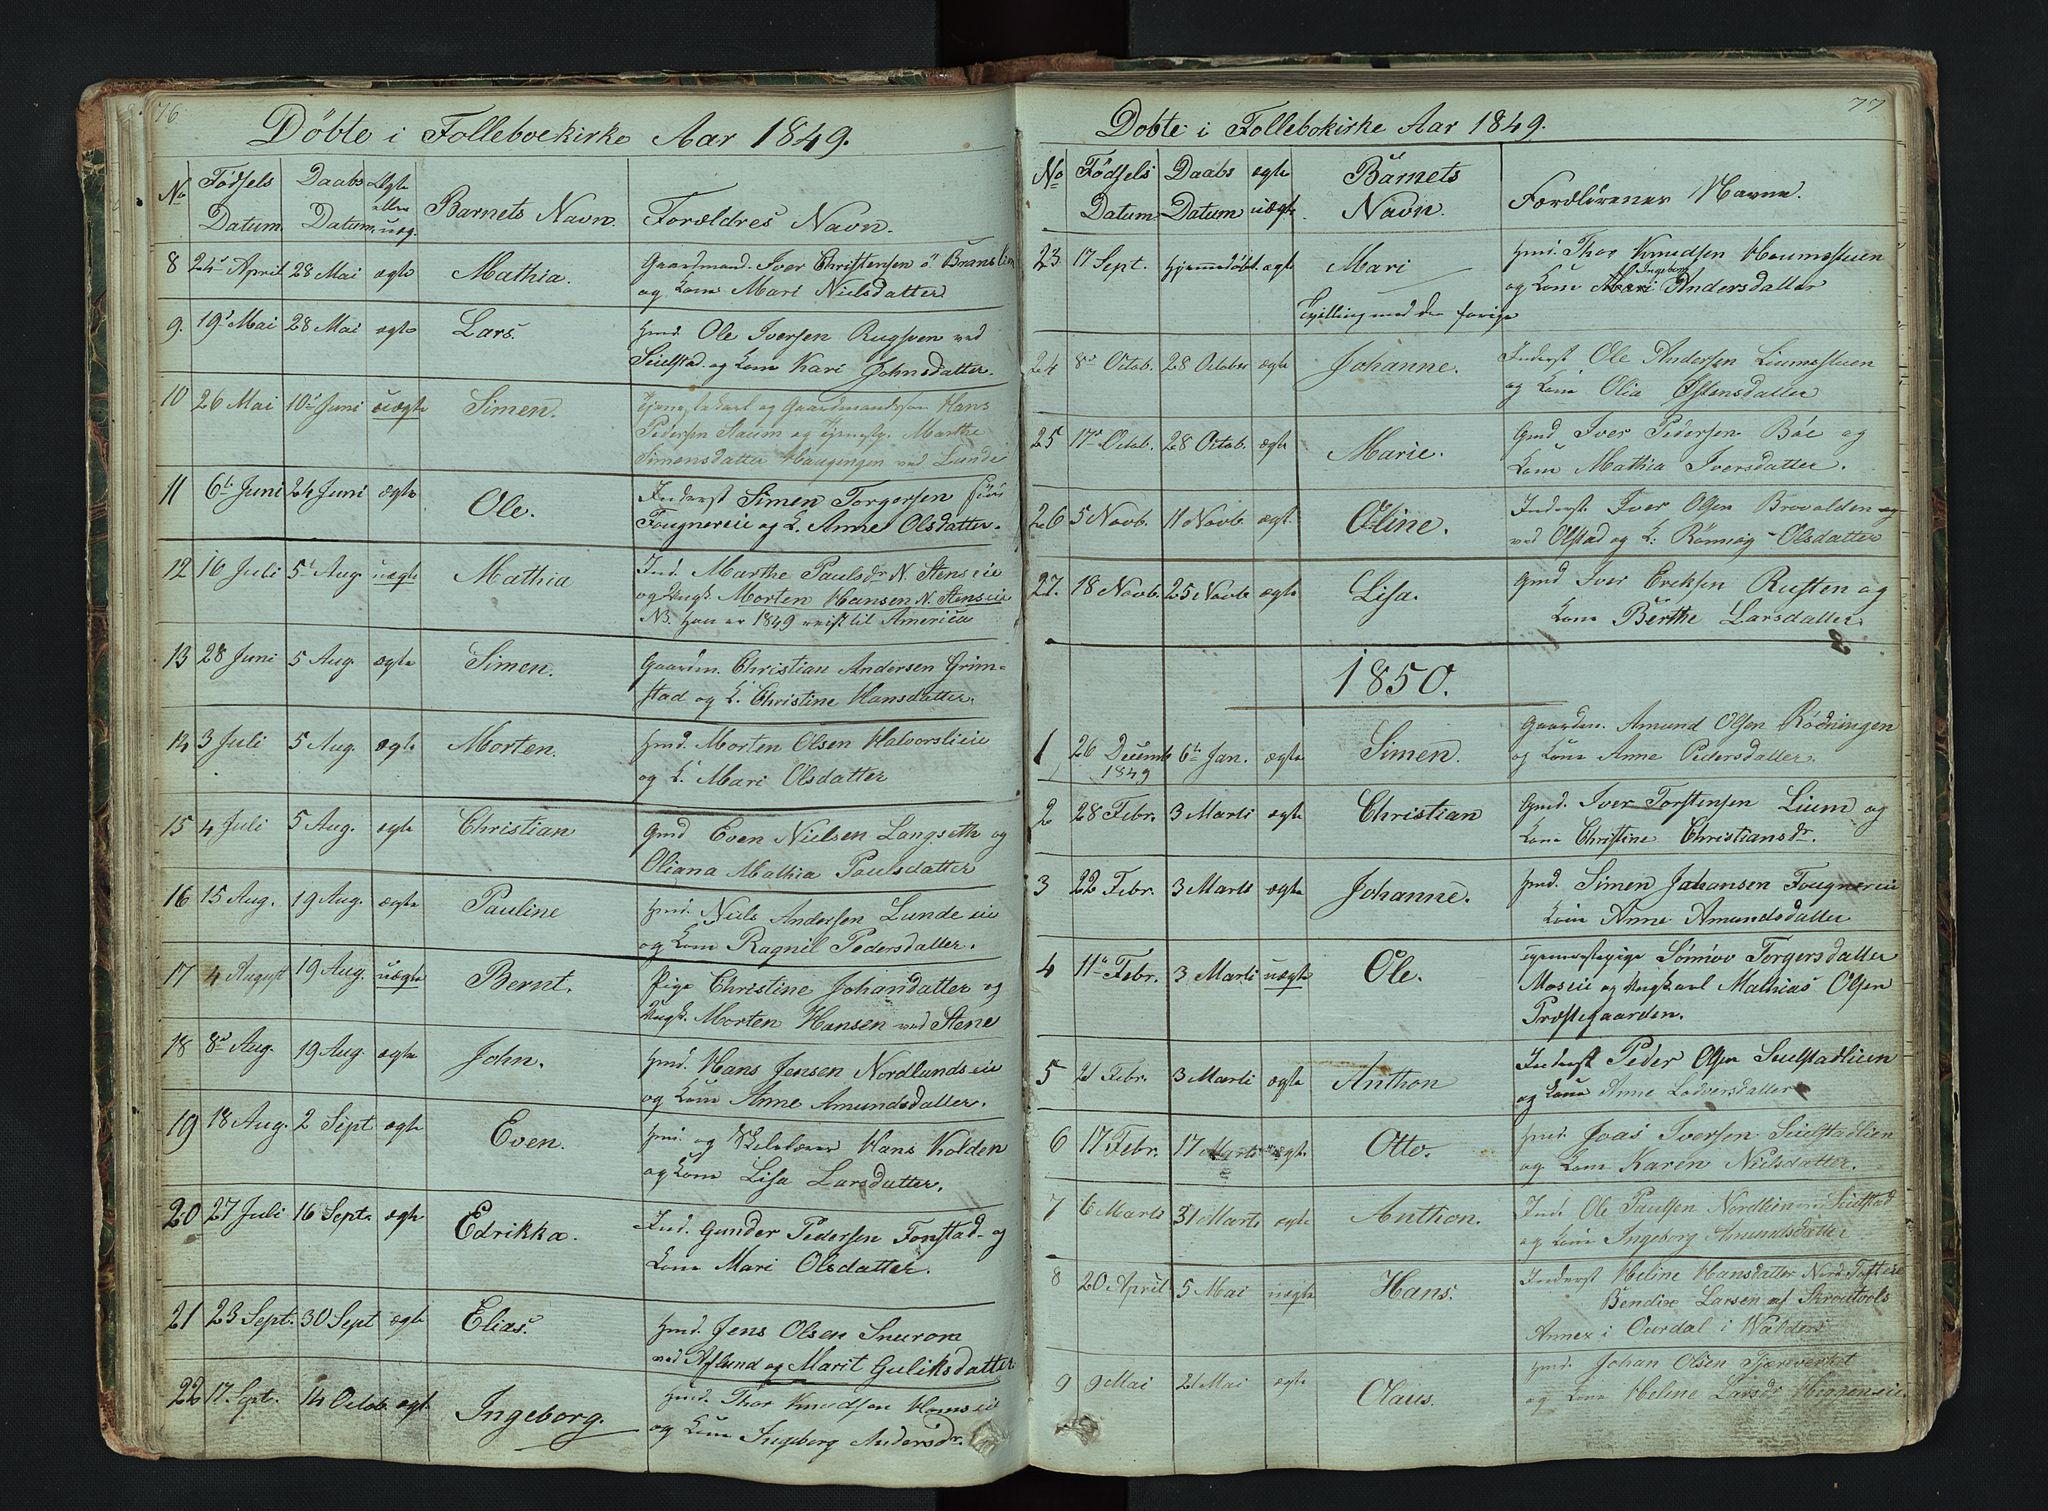 SAH, Gausdal prestekontor, Klokkerbok nr. 6, 1846-1893, s. 76-77